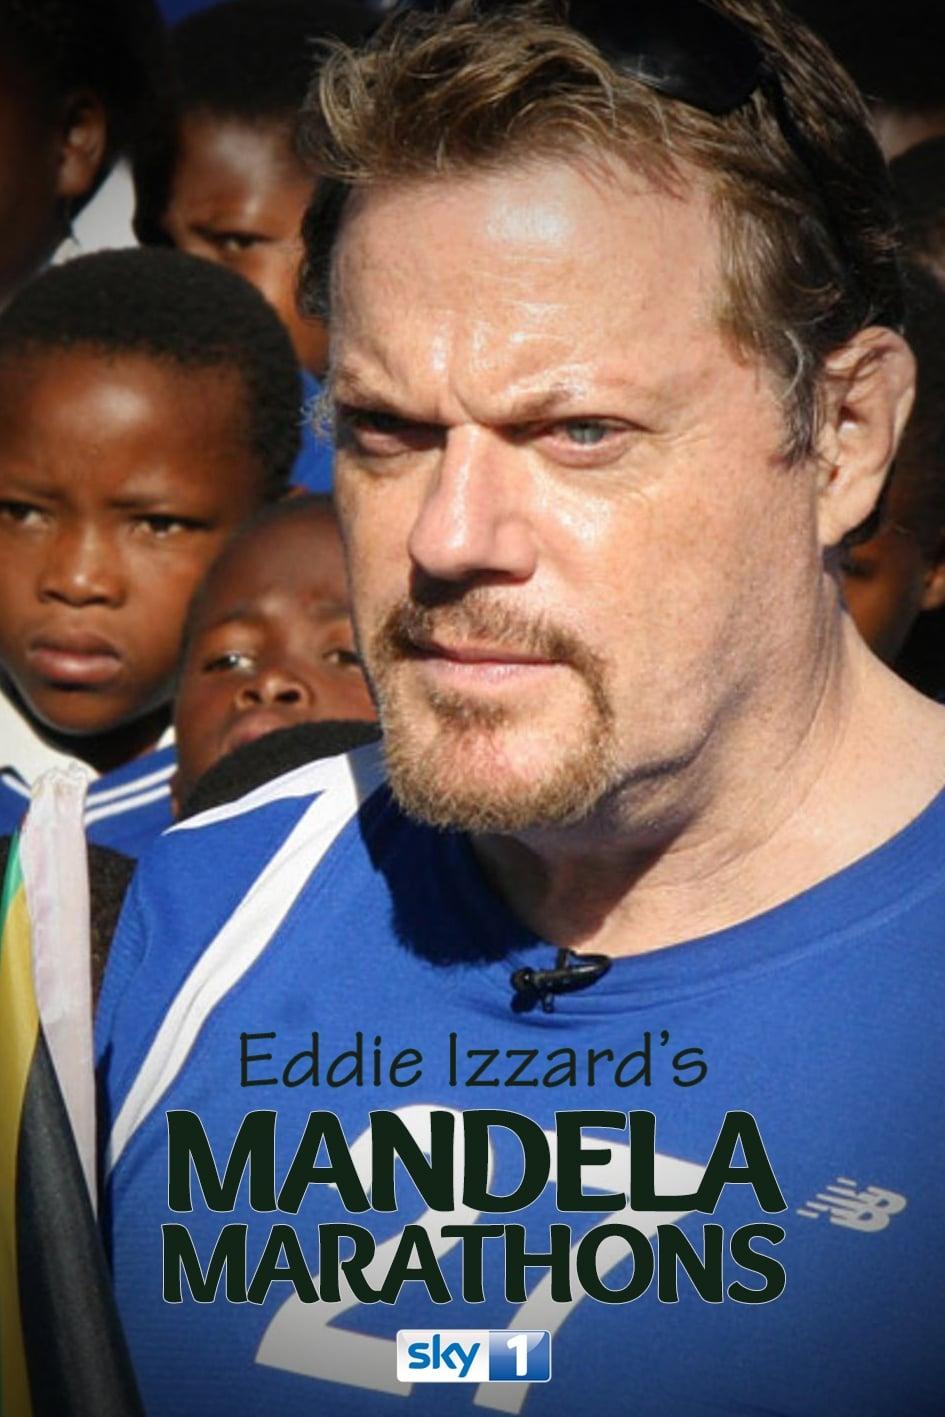 Eddie Izzard's Mandela Marathons TV Shows About Africa